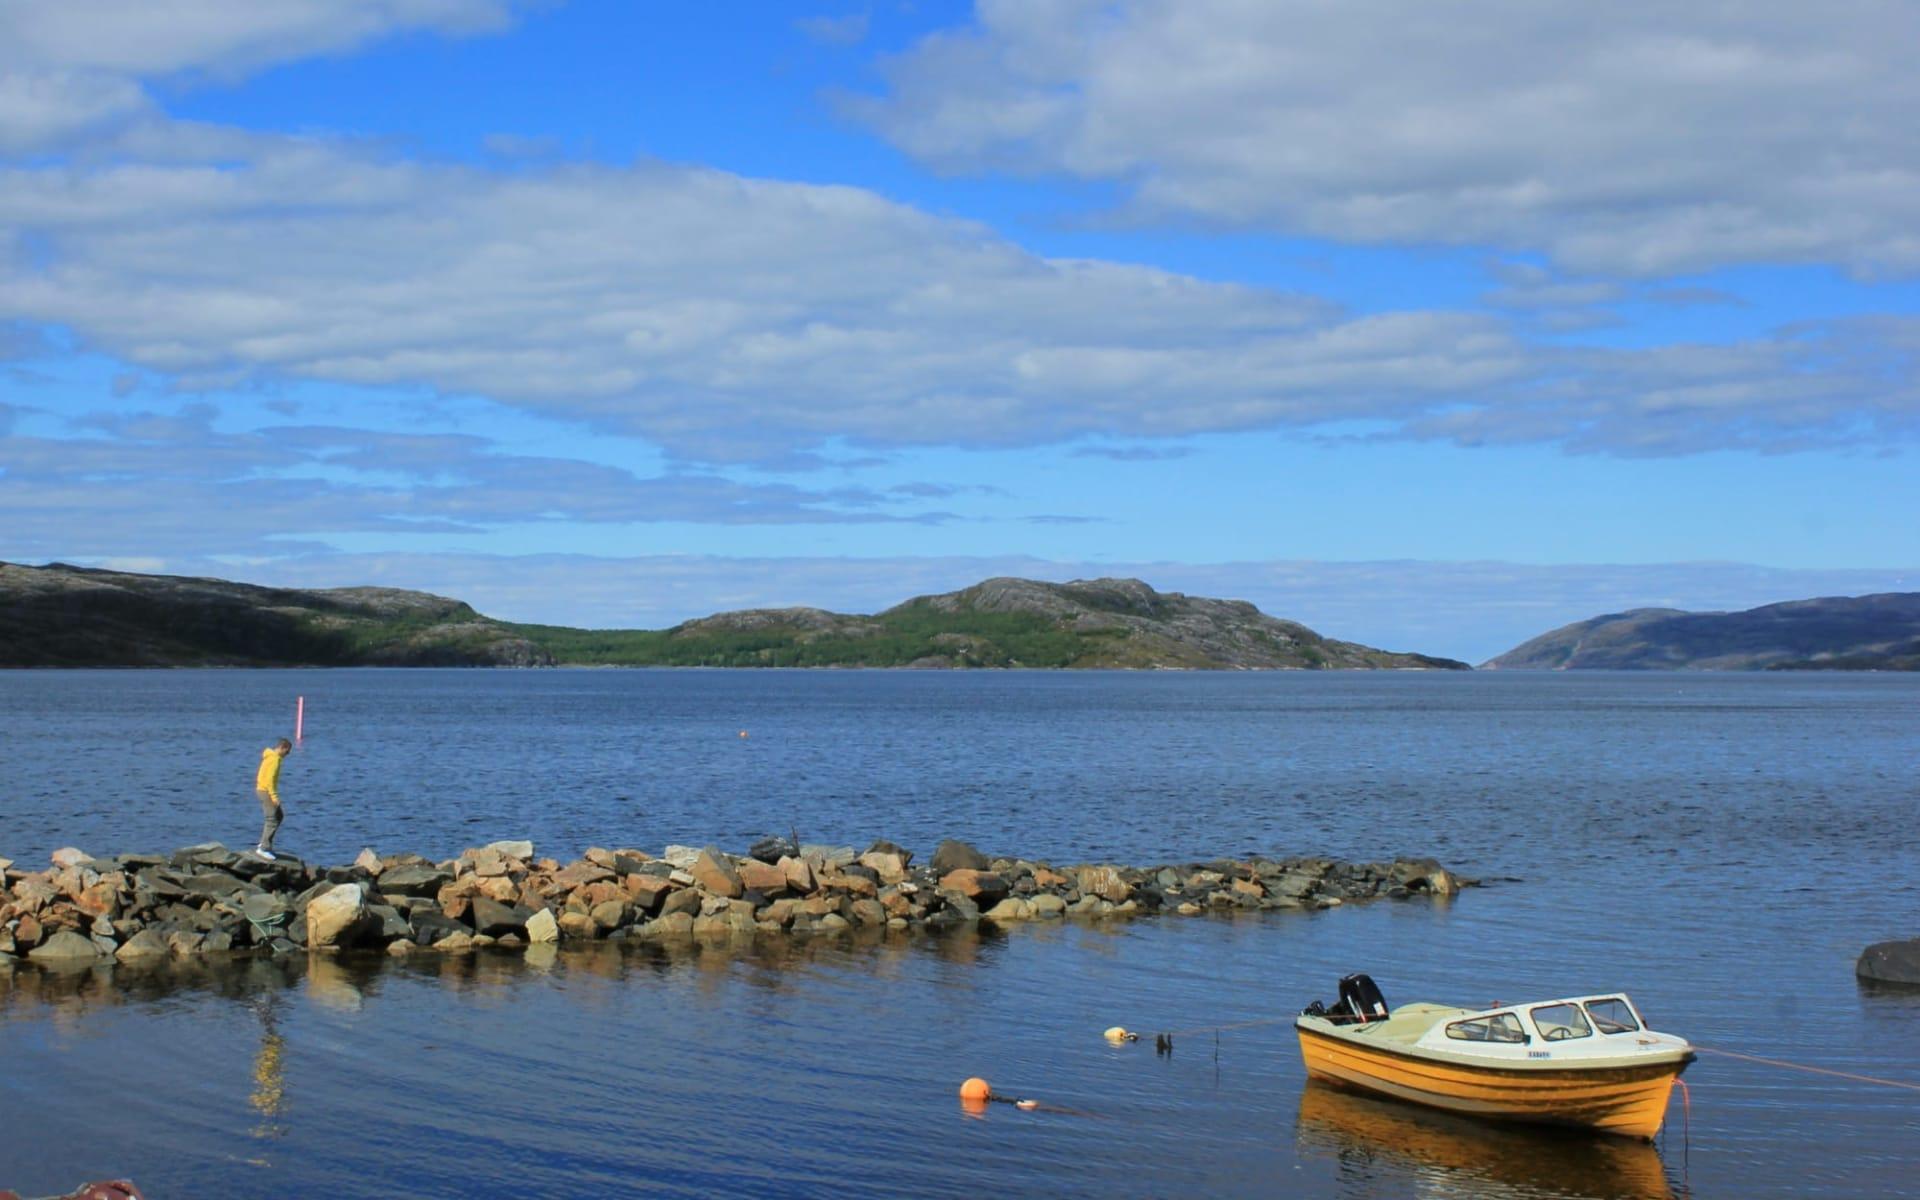 Thon Kirkenes: Yellow boat in a stone bay in Kirkenes, Norway